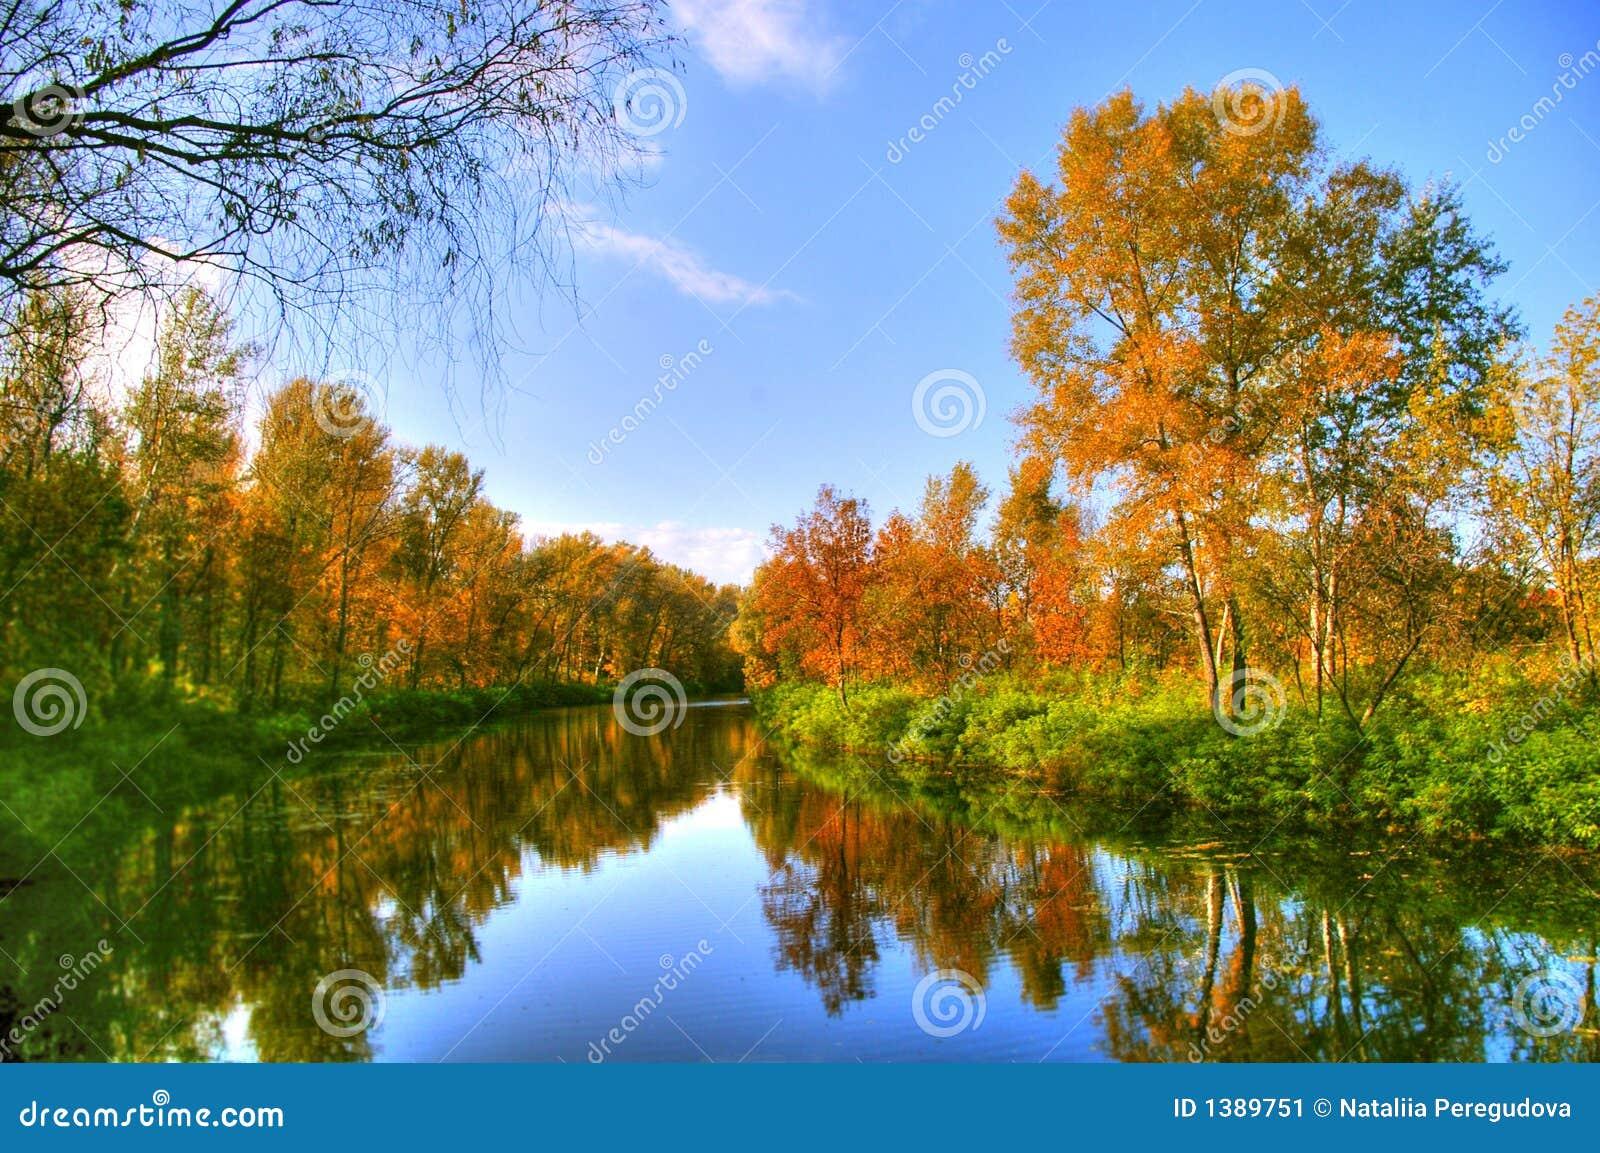 Malerische Herbstlandschaft von unveränderlichem Fluss und von hellen Bäumen